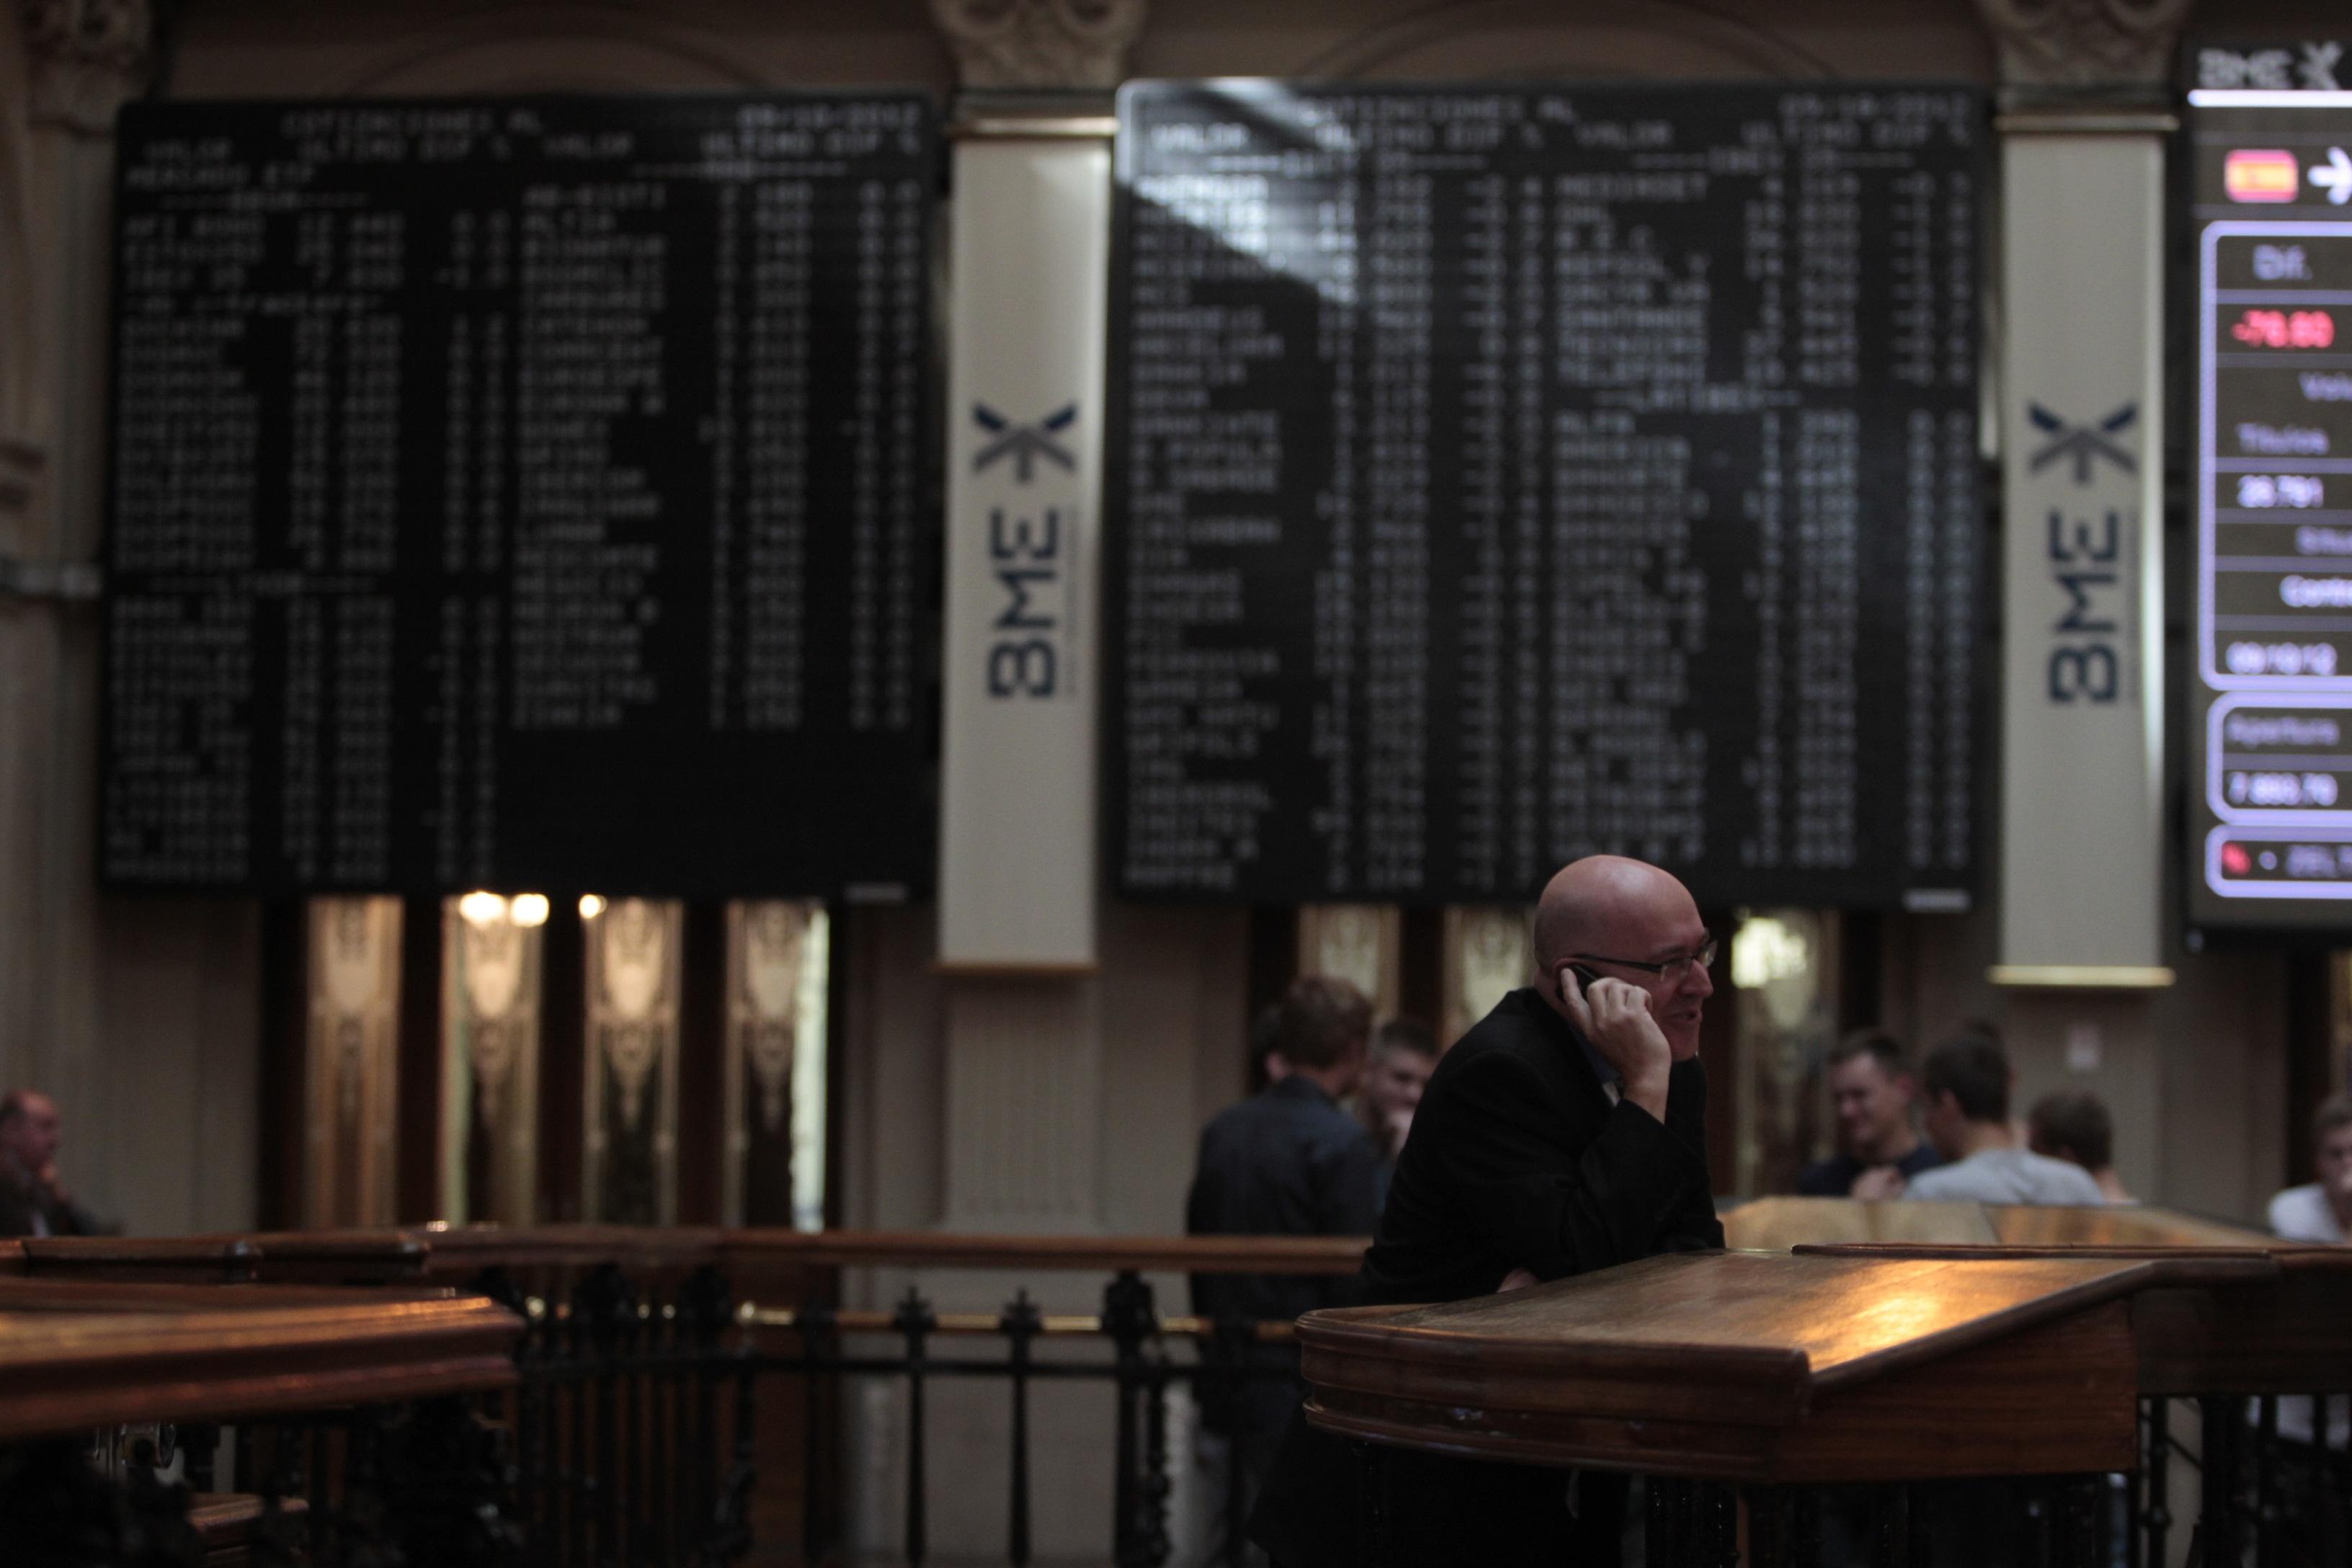 El Ibex pierde un 0,14% y aguanta por encima de los 7.900 enteros, con la prima en 314,8 puntos